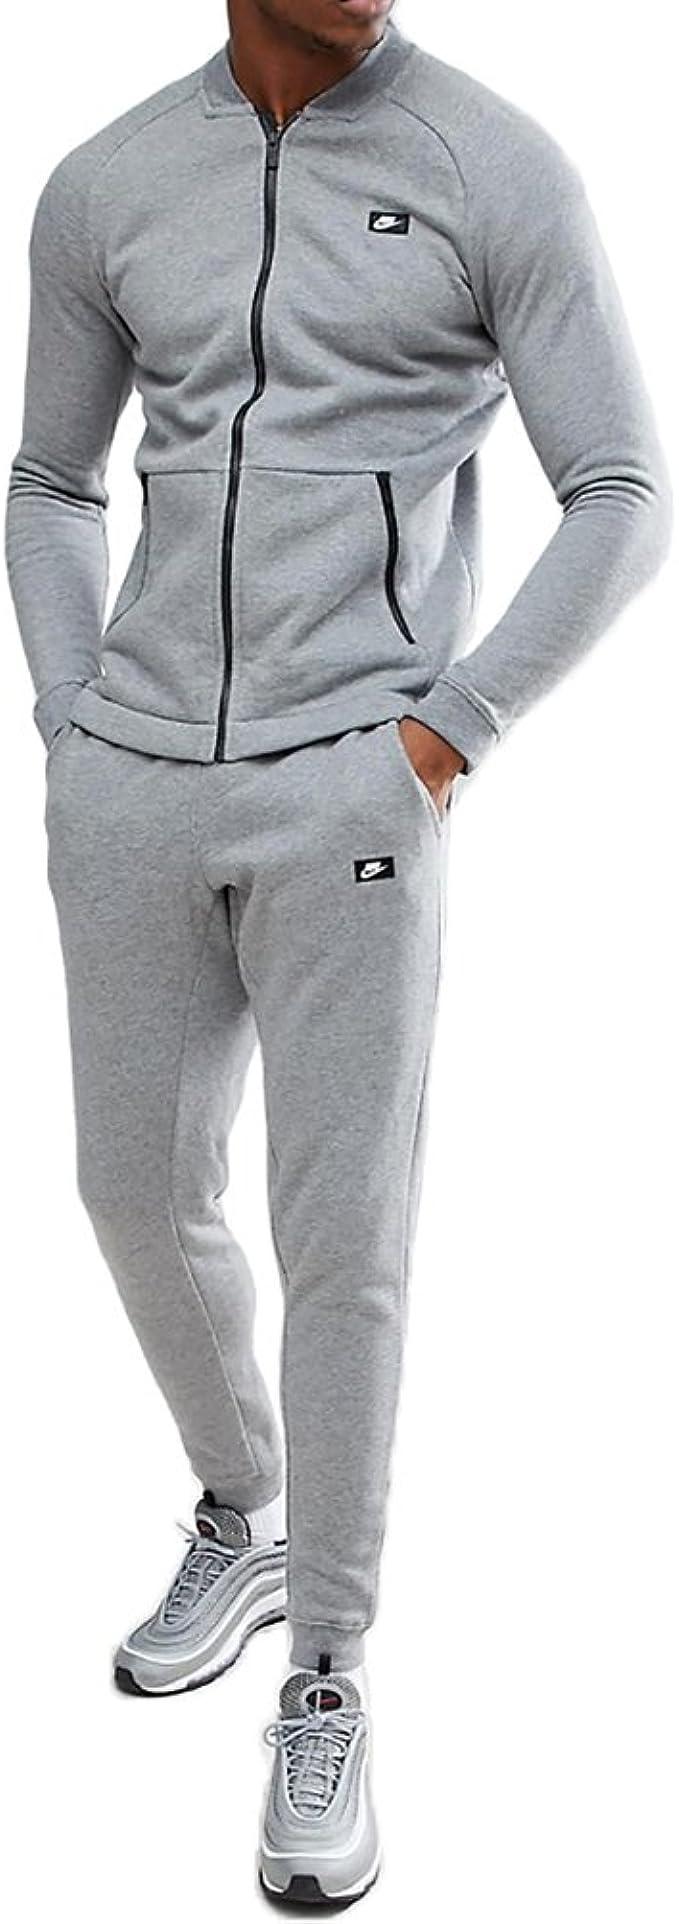 Nike - Chándal - para Hombre Gris L: Amazon.es: Ropa y accesorios